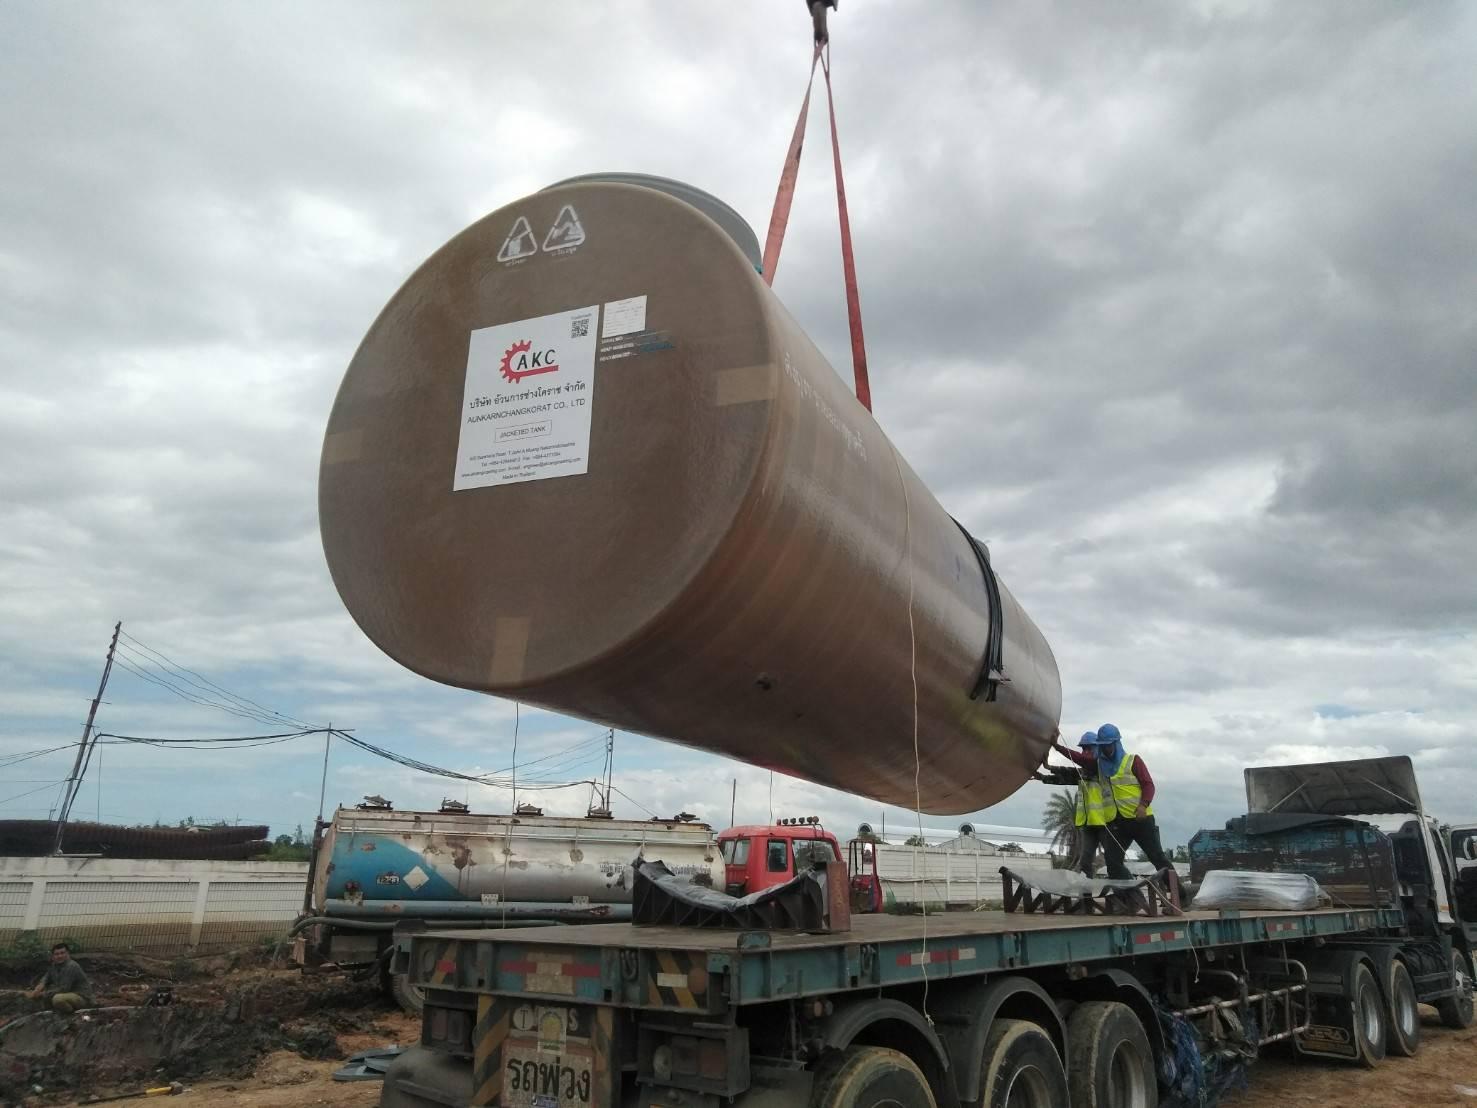 AKC ส่งถังน้ำมันฝังดิน 2 ชั้น ขนาด 30,000 ลิตร 5 ลูก